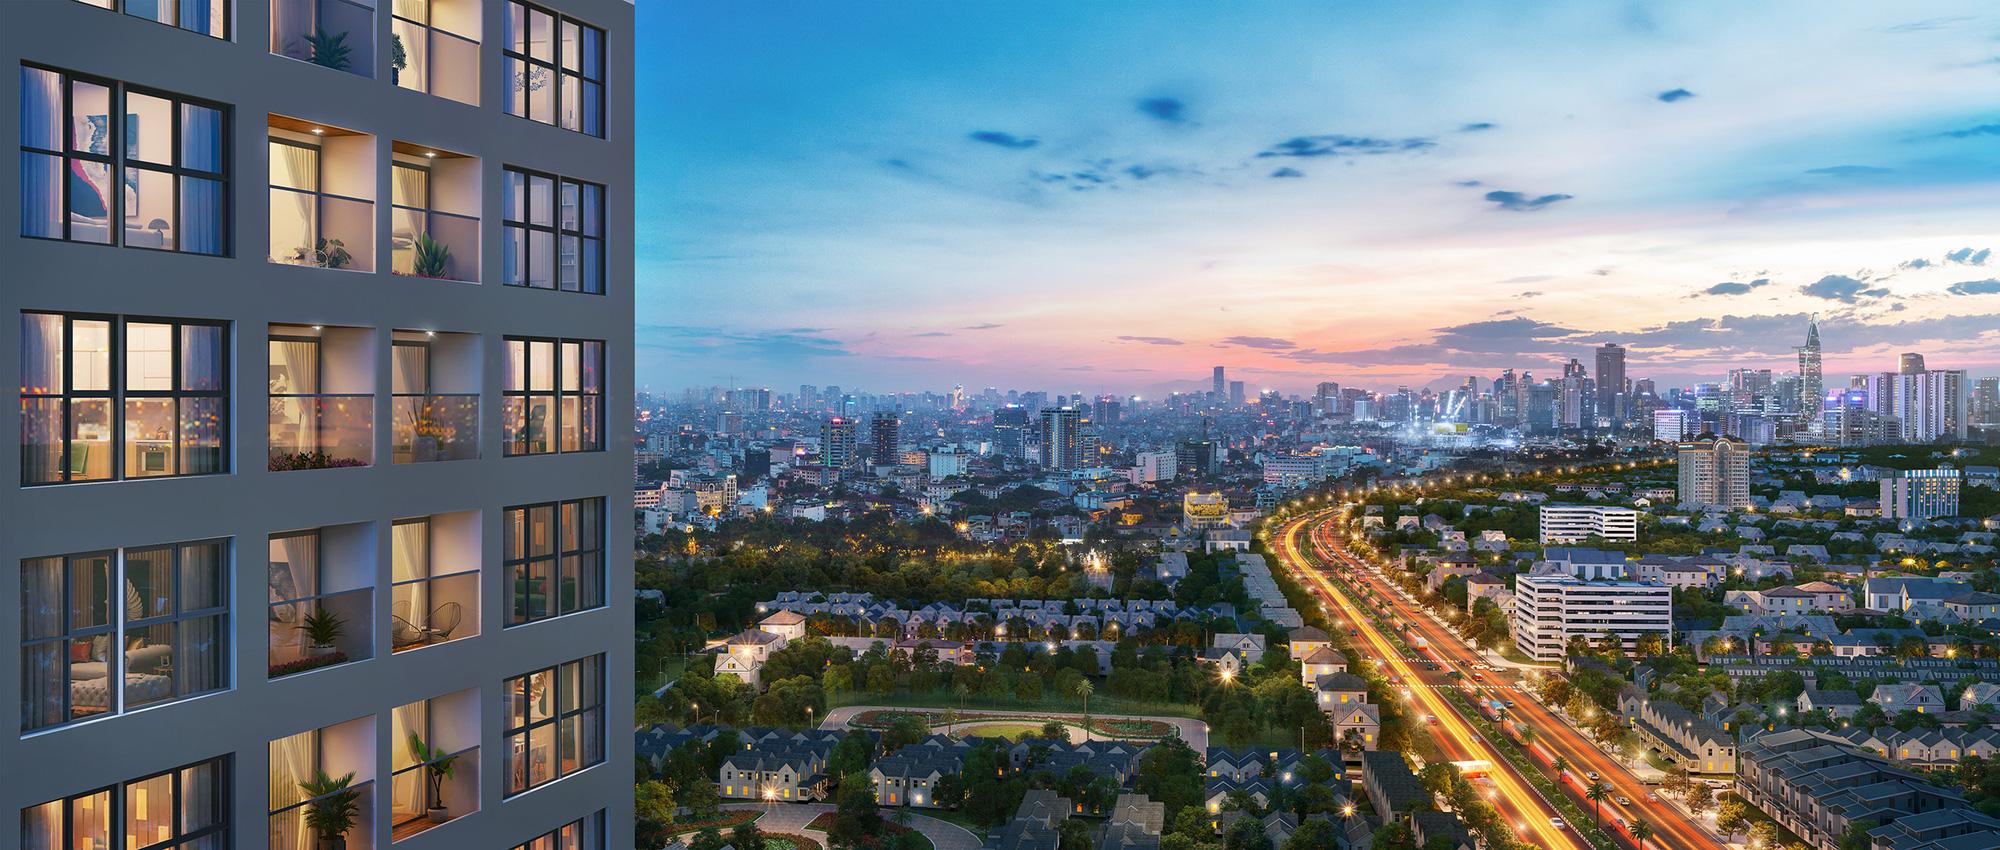 """ANDERSON PARK - Không gian sống """"ngàn tiện ích trong một"""" tại thành phố trẻ Thuận An có gì hấp dẫn? - Ảnh 12."""